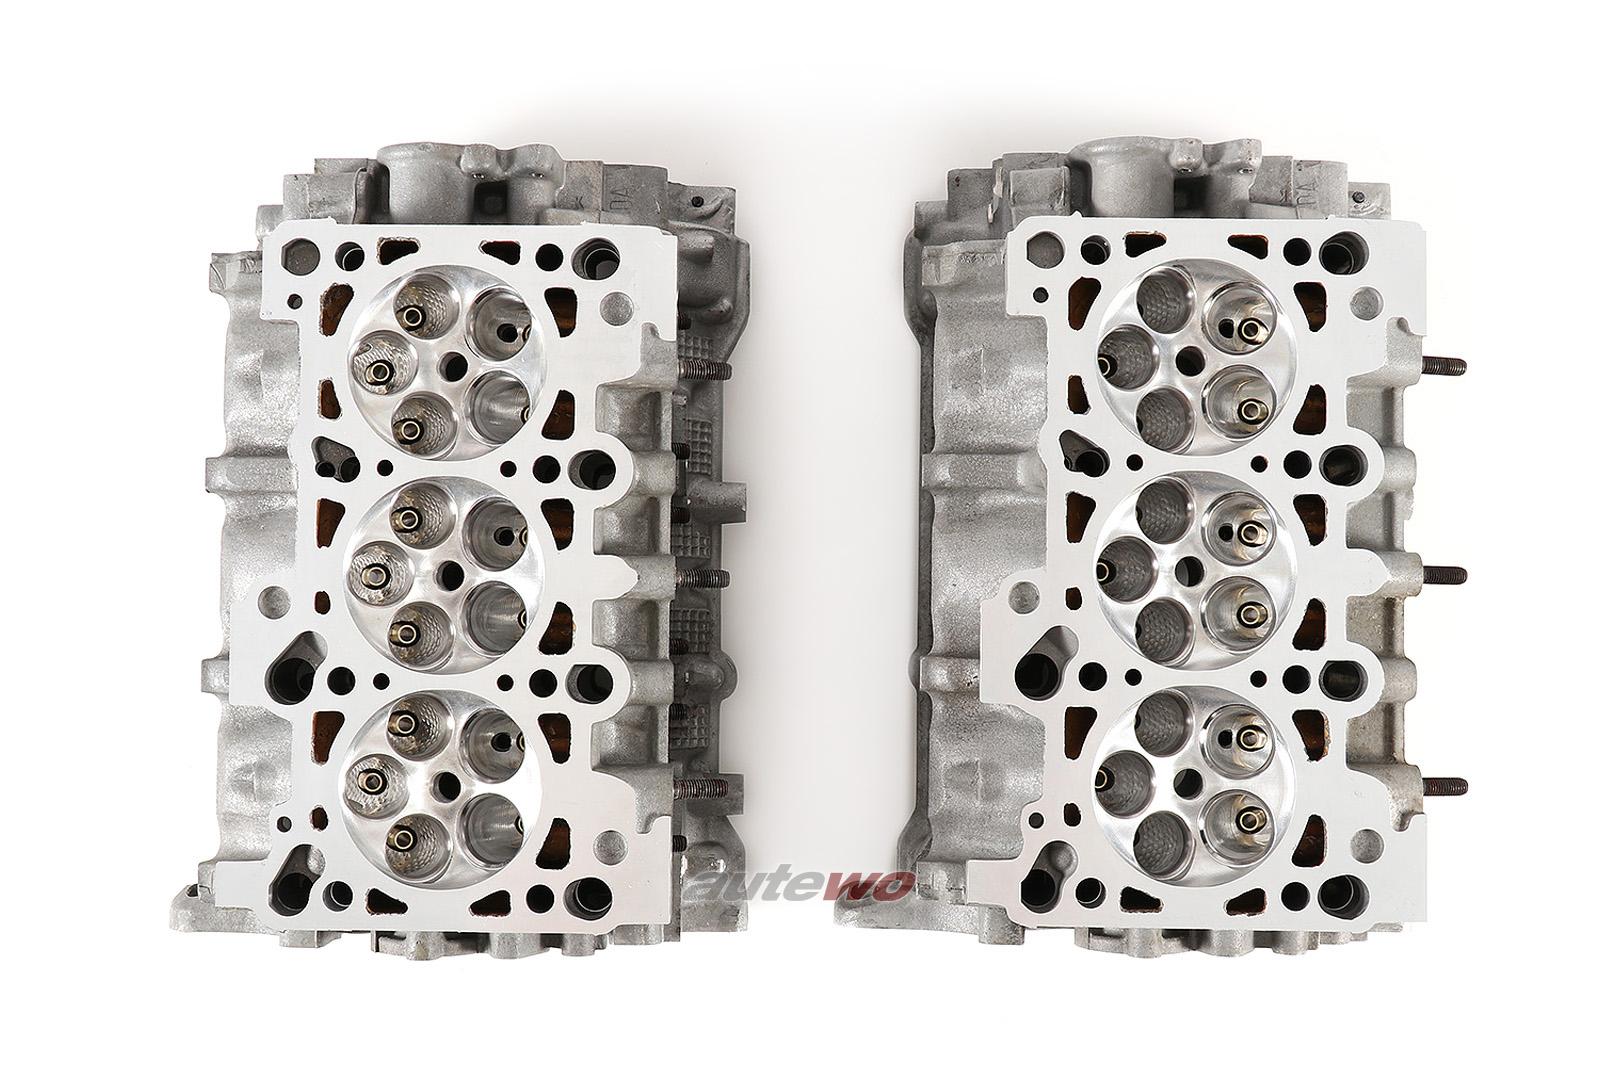 Audi S4/RS4 B5 2.7 Biturbo Zylinderköpfe NG Motorsports CNC ported große Ventile